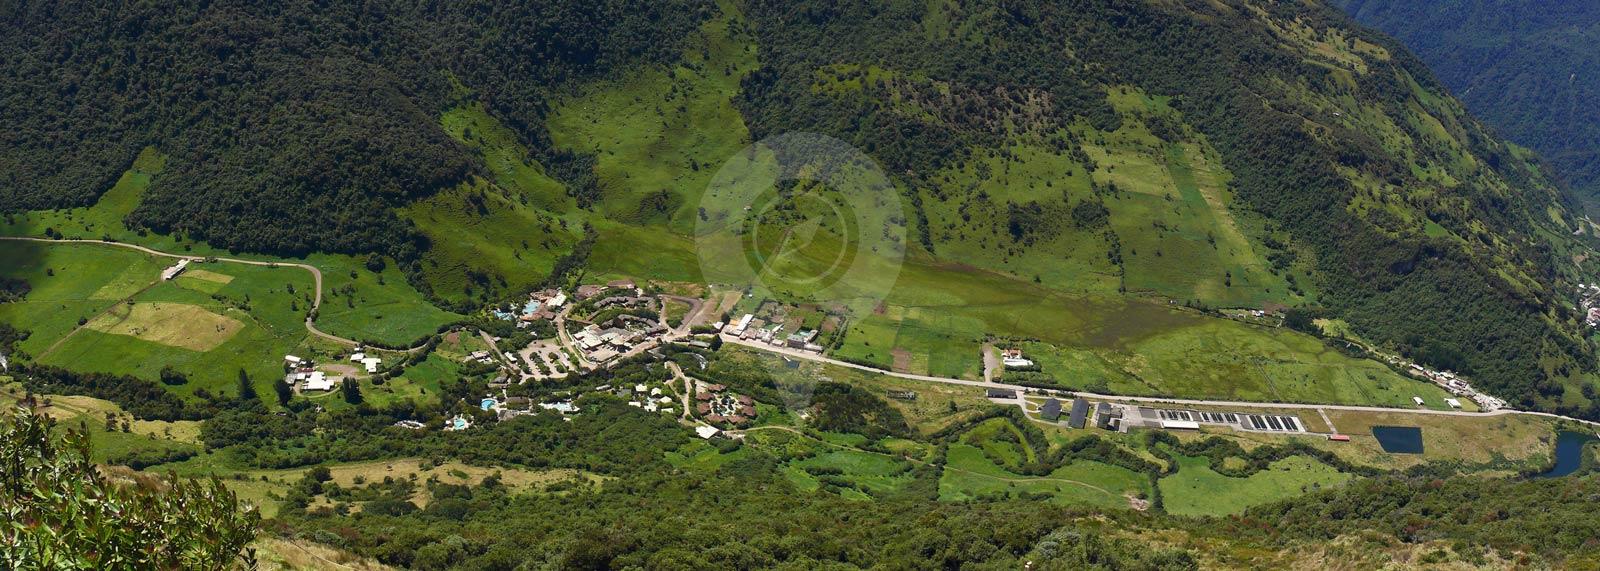 Papallacta Hot Springs - Ecuador Retreat